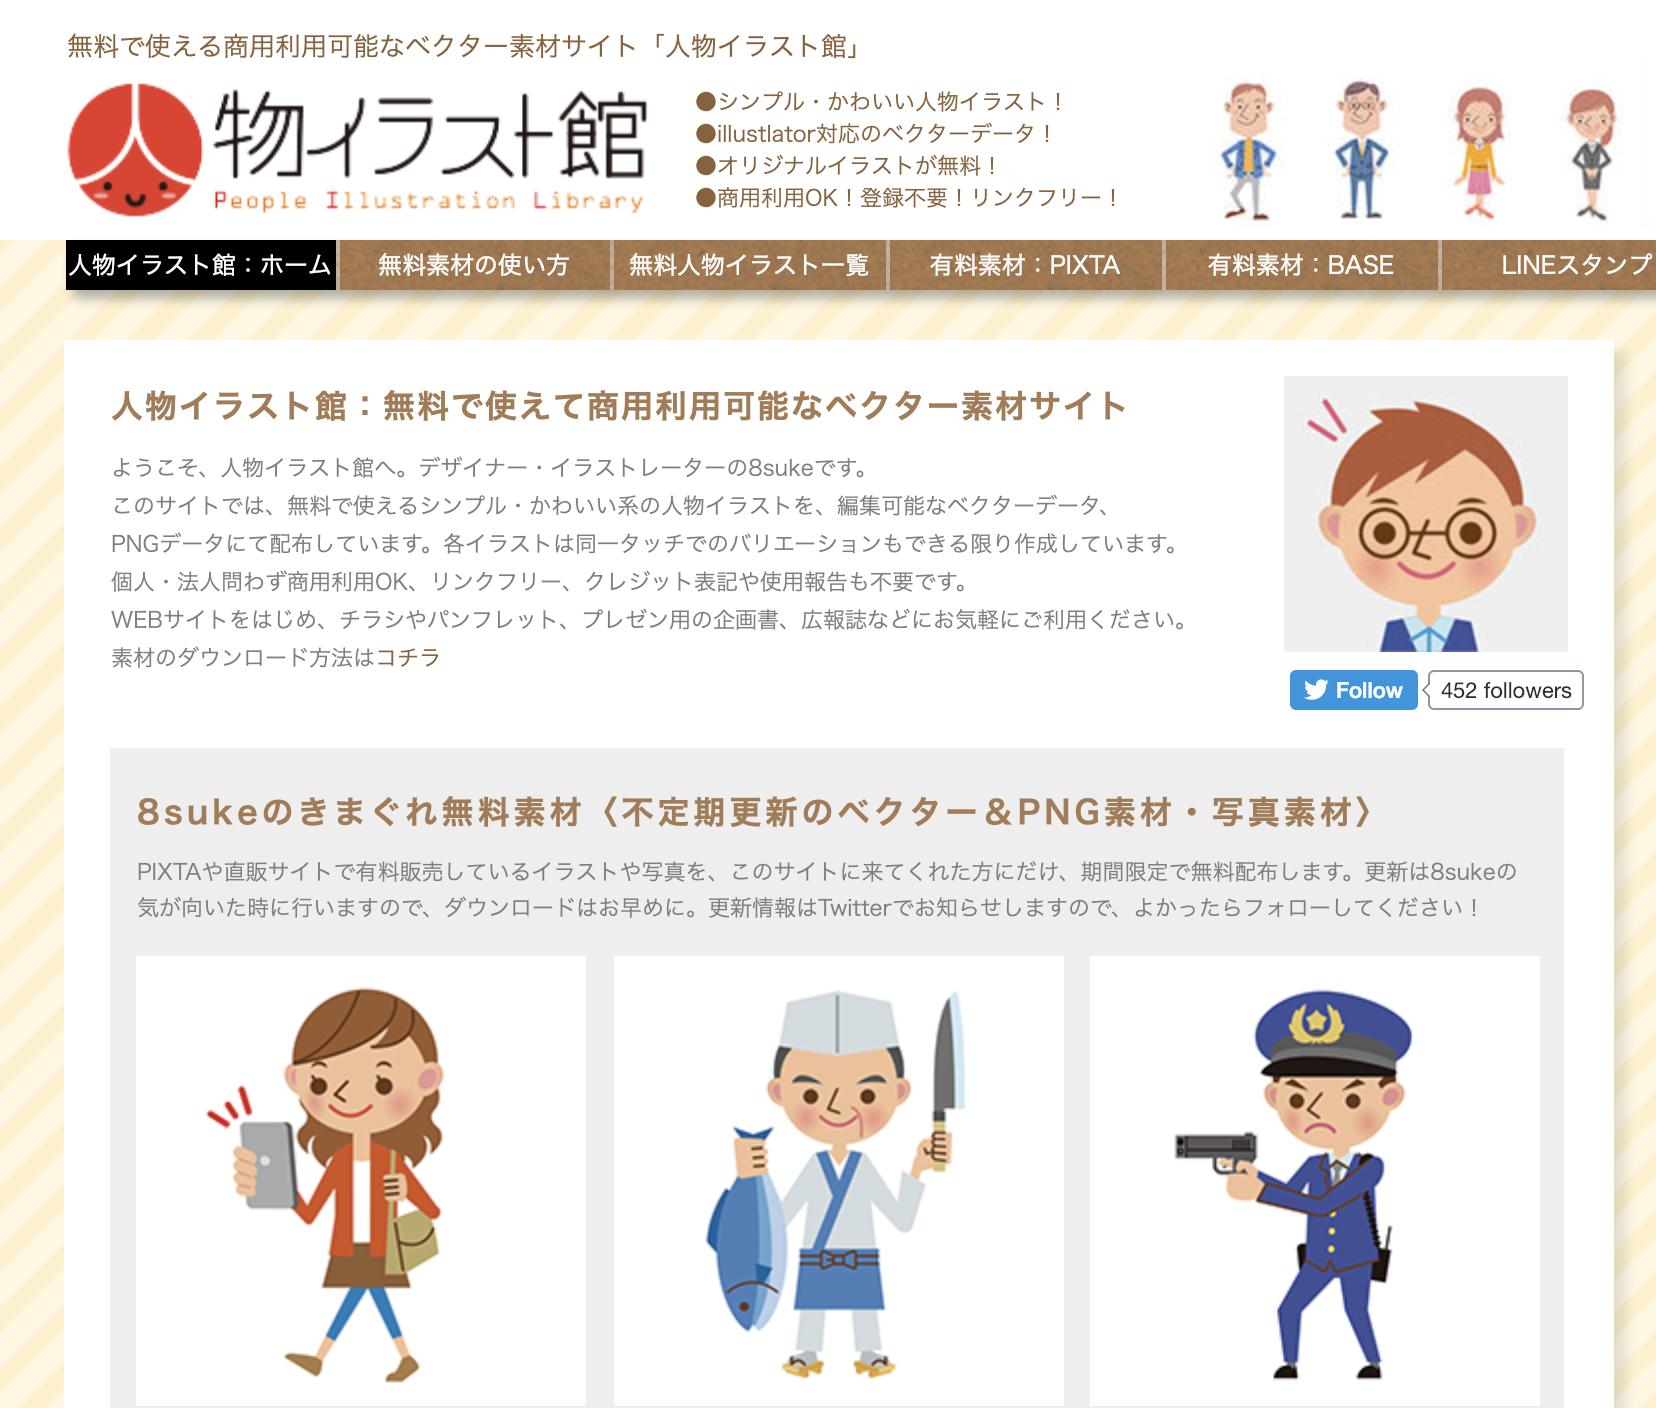 人物イラスト館のトップページ